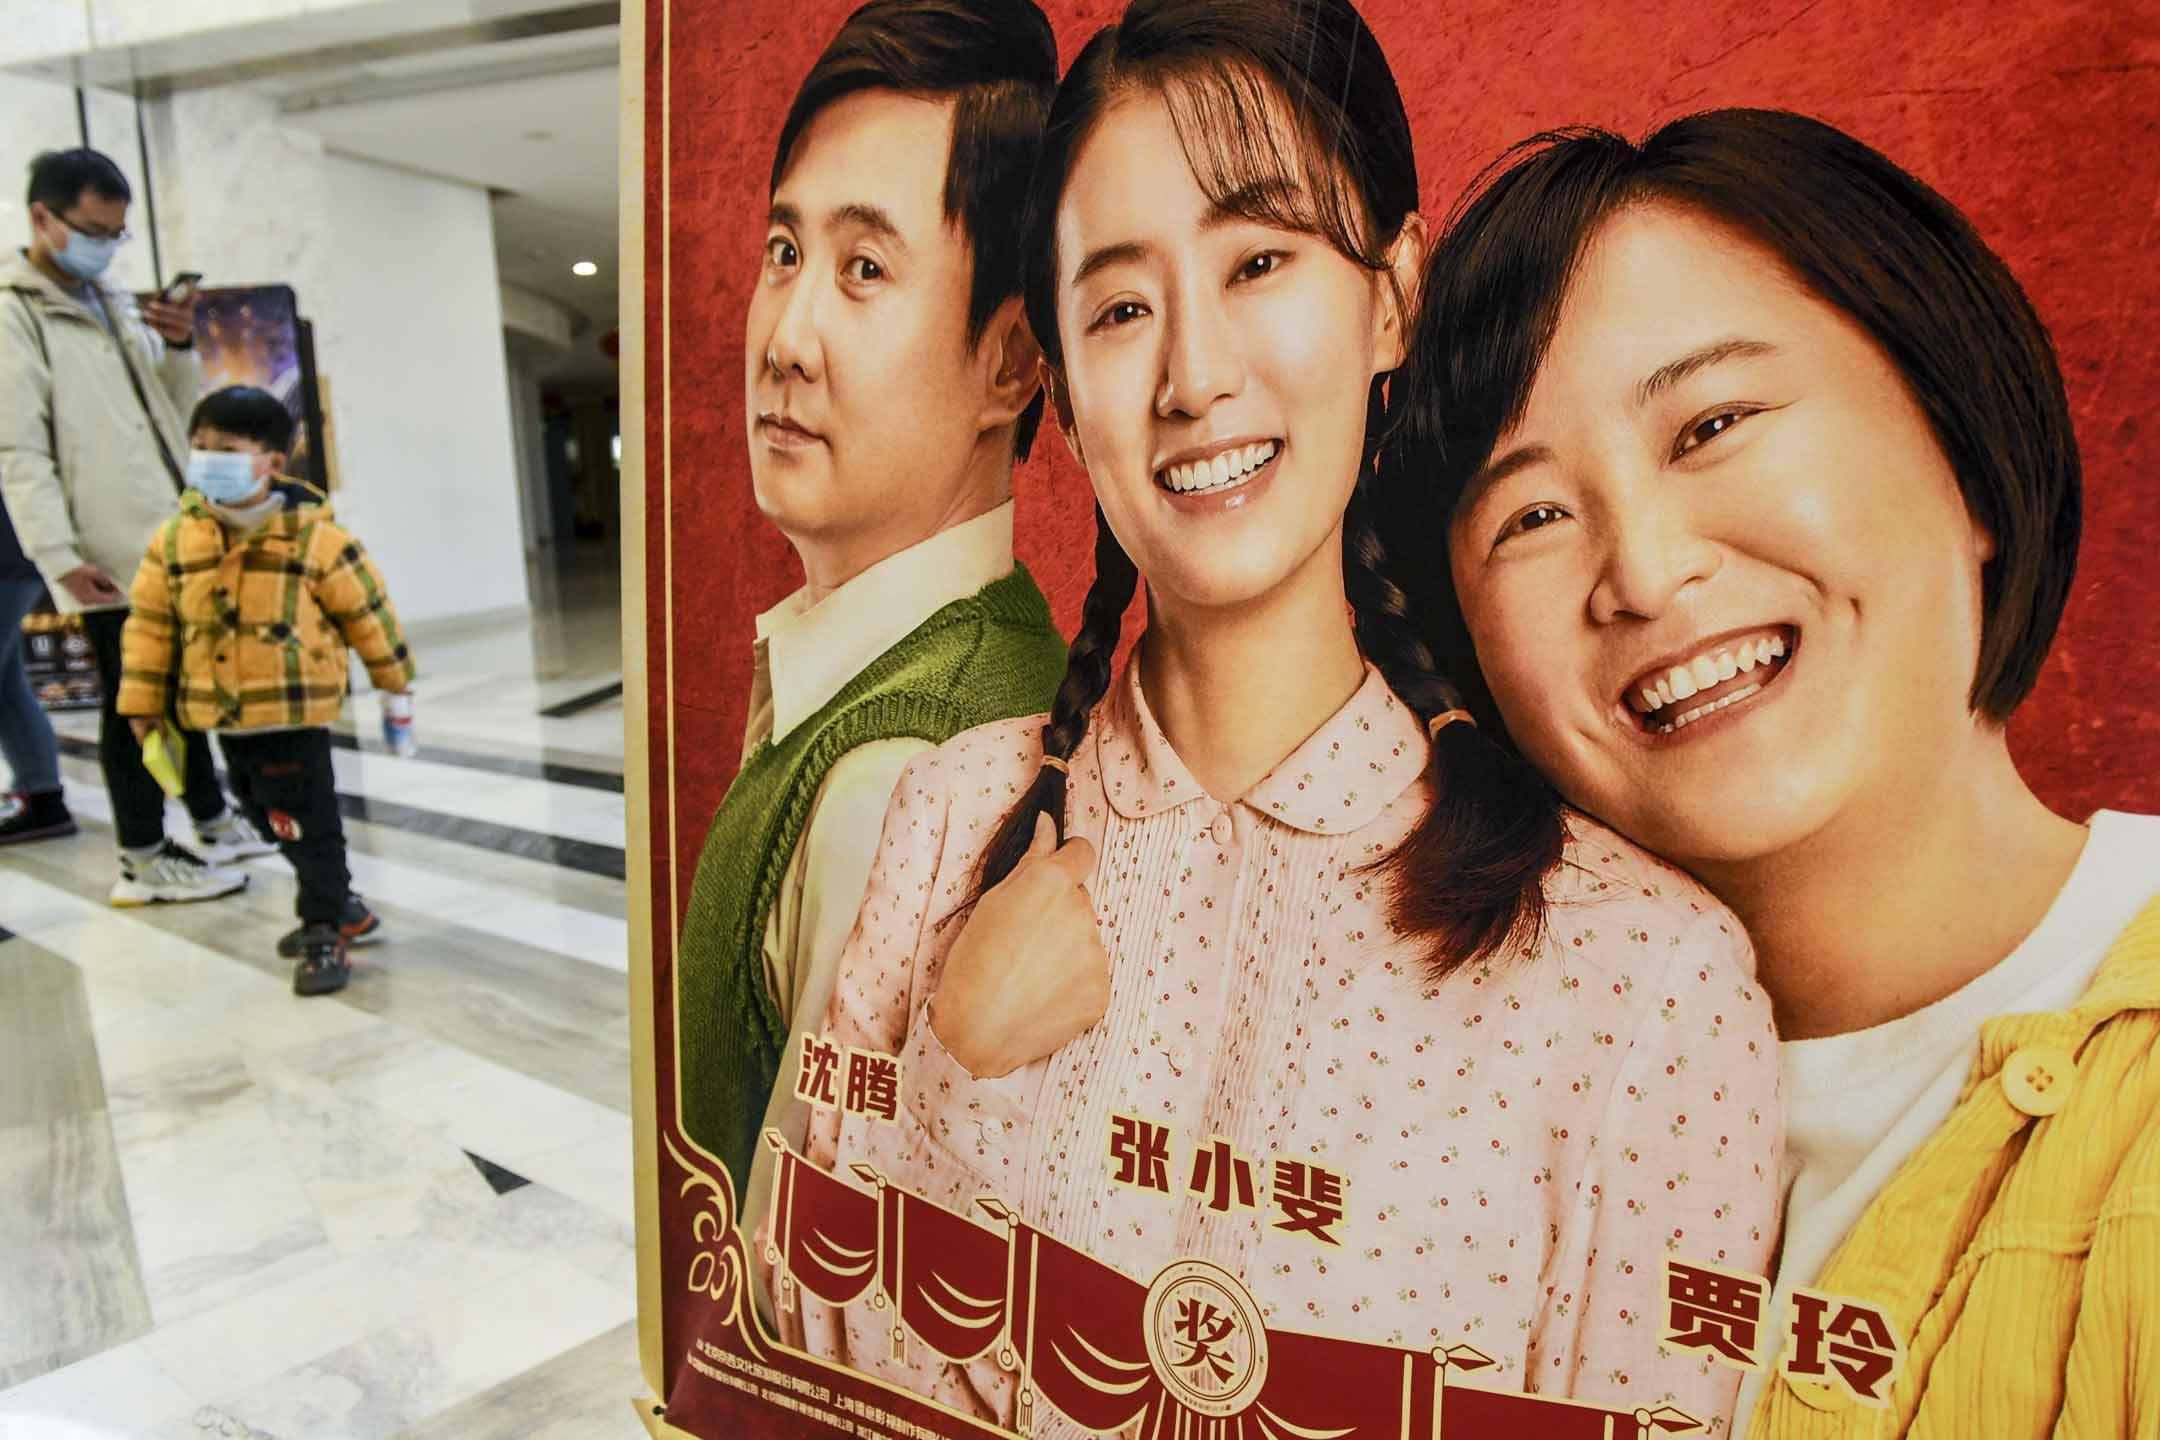 2021年2月17日,春節假期的最後一天,安徽省阜陽市的一家戲院裡擺放著《你好,李煥英》的電影海報。 攝:Wang Biao/VCG via Getty Images